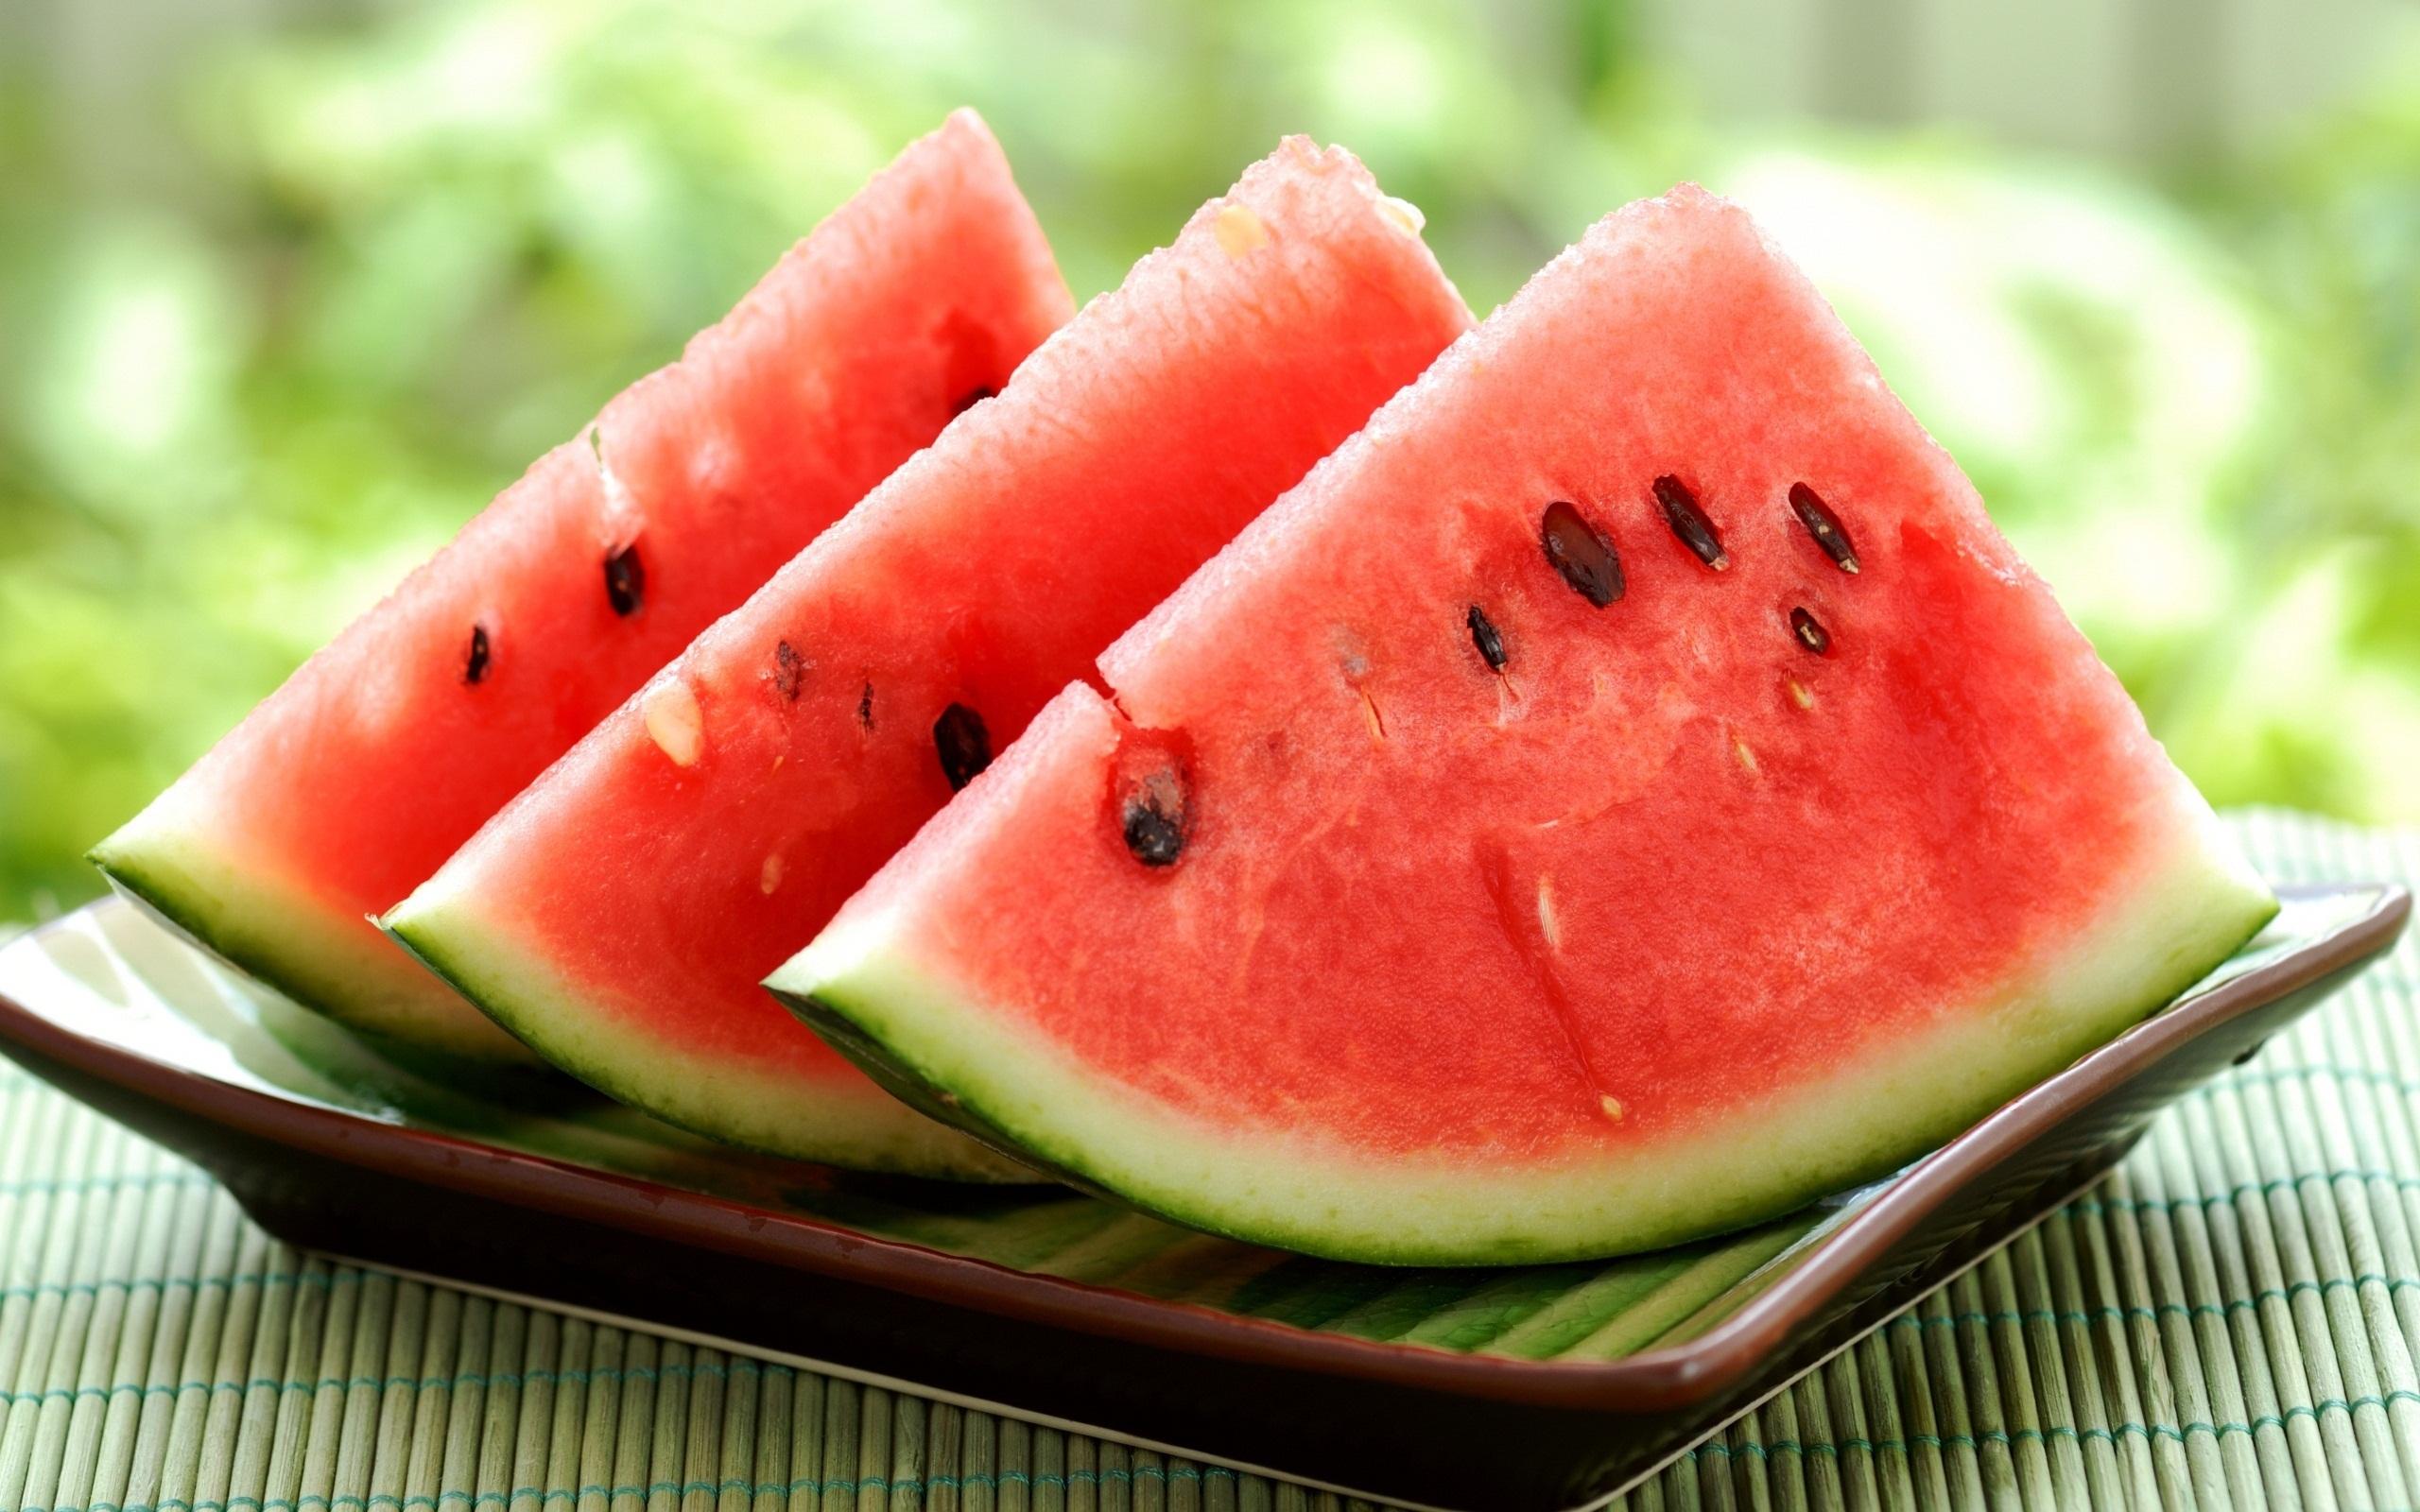 3 clipart watermelon. Termelon slice hd wallpaper